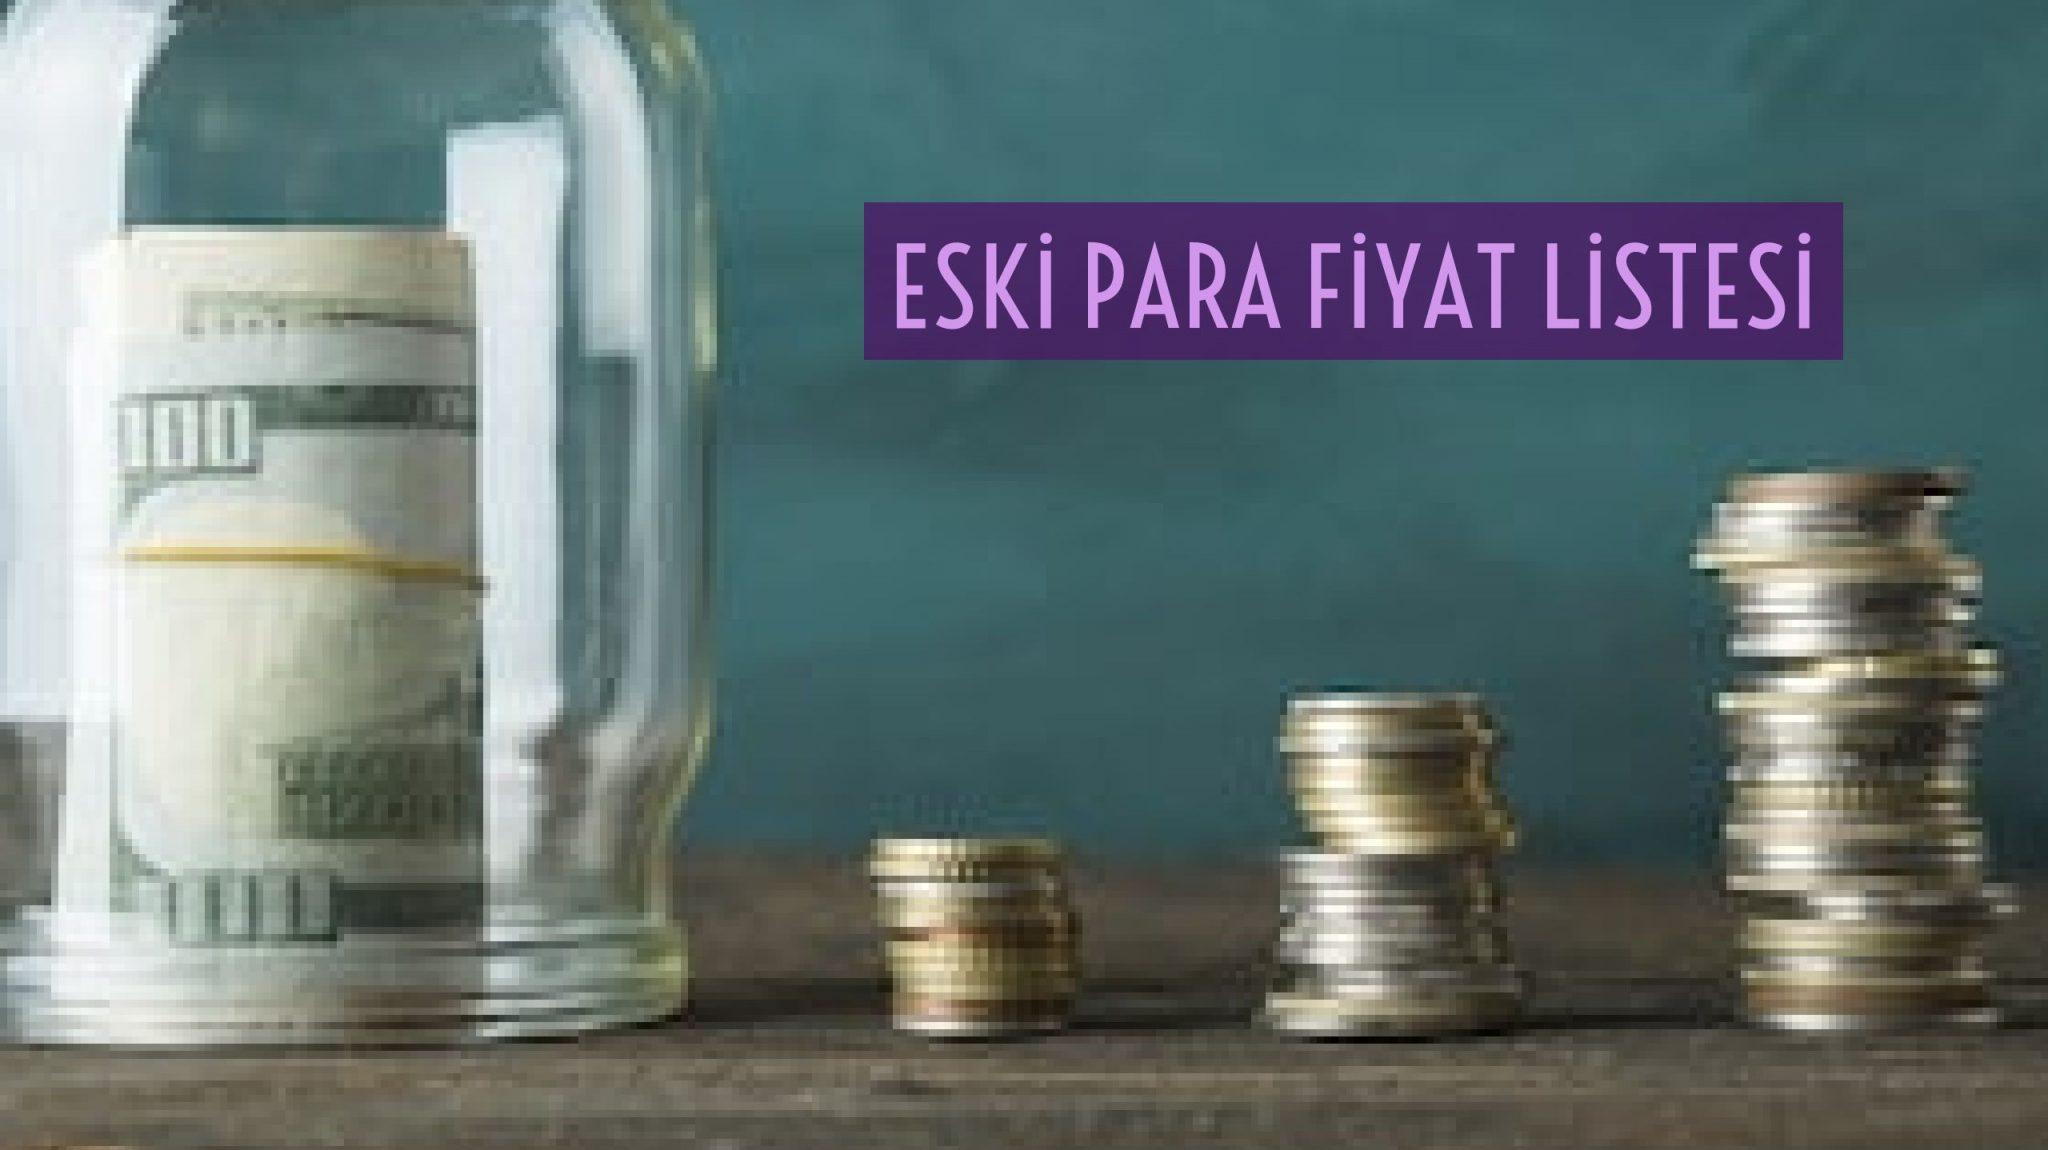 Photo of Eski para fiyat listesi